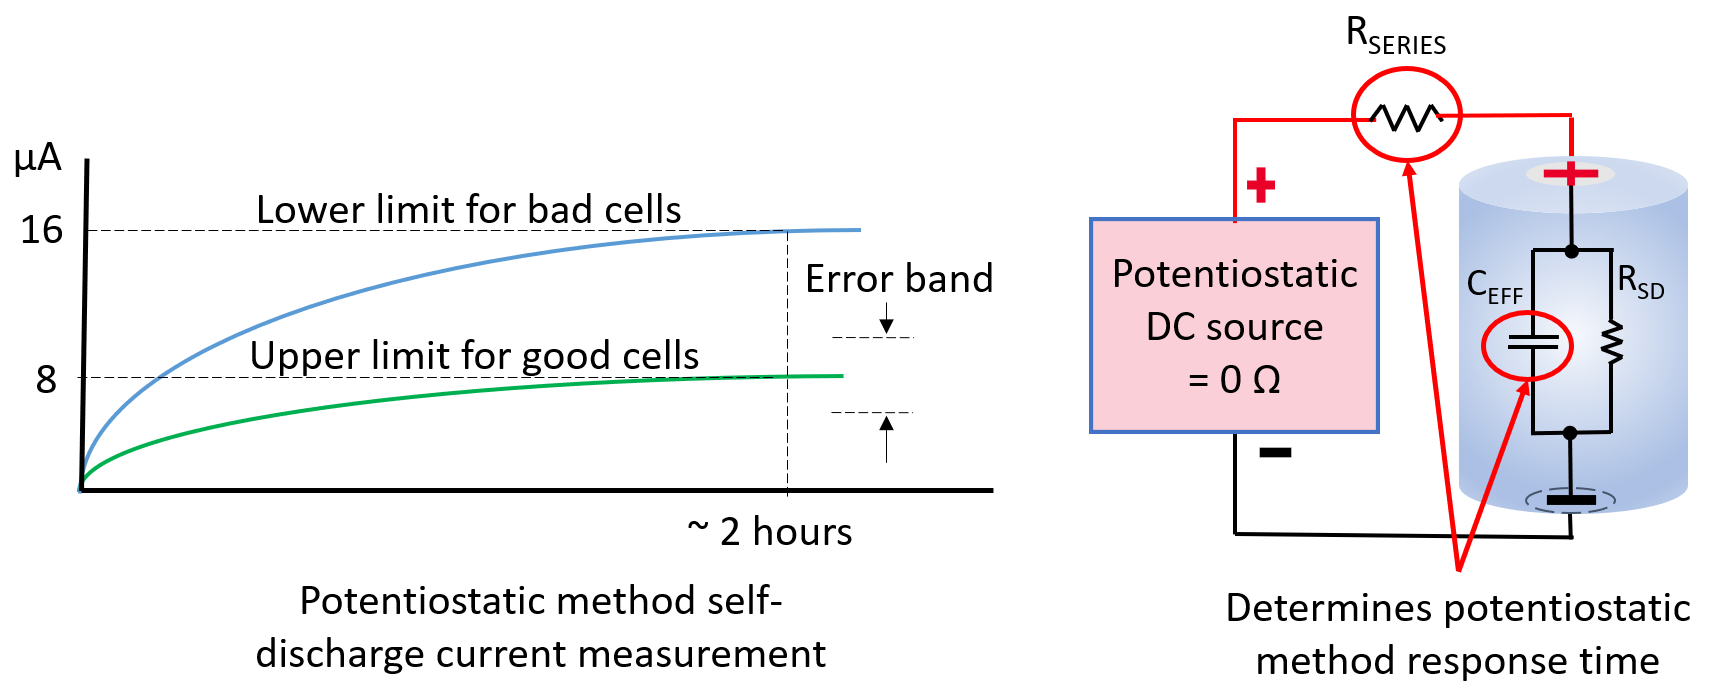 Figura 3 – Cosa determina il tempo di test nel metodo potenziostatico.